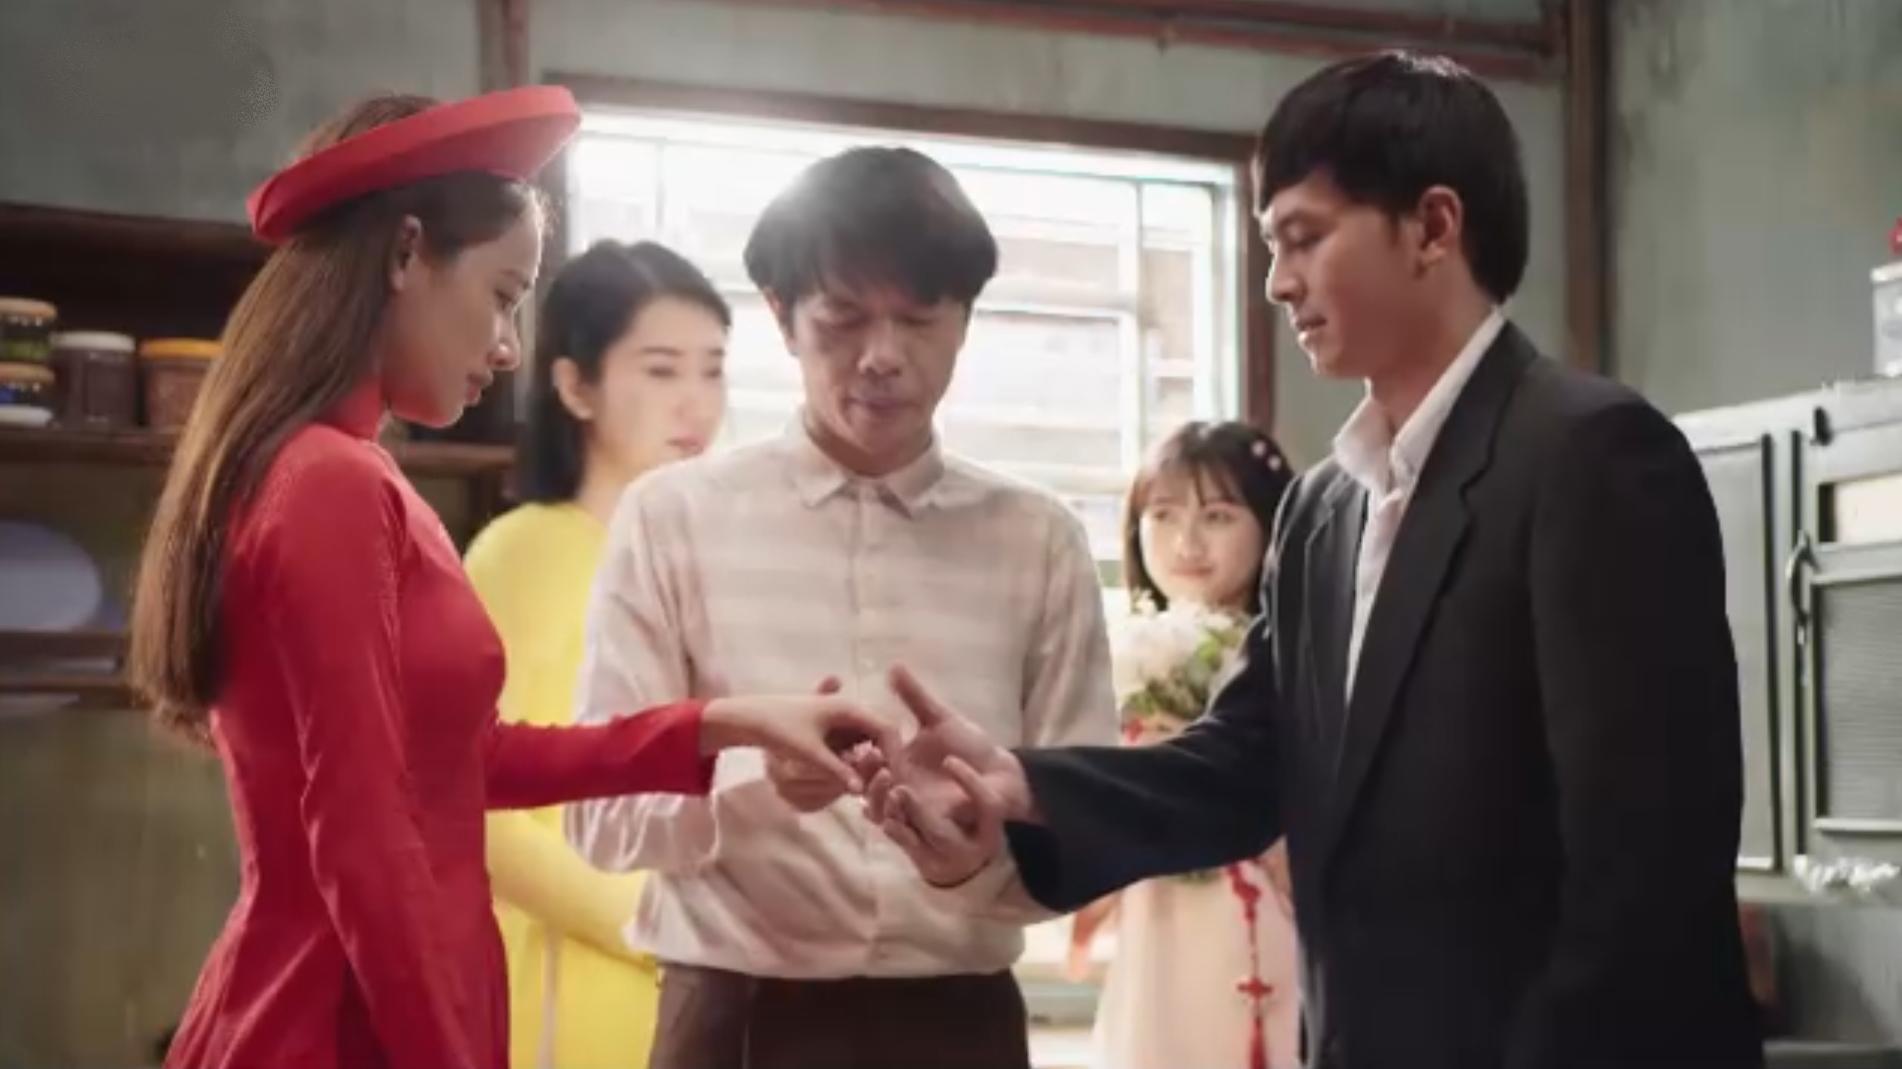 Báu (áo đỏ) và Quân (phải) được anh trai tổ chức hôn lễ. Ảnh: Vieon